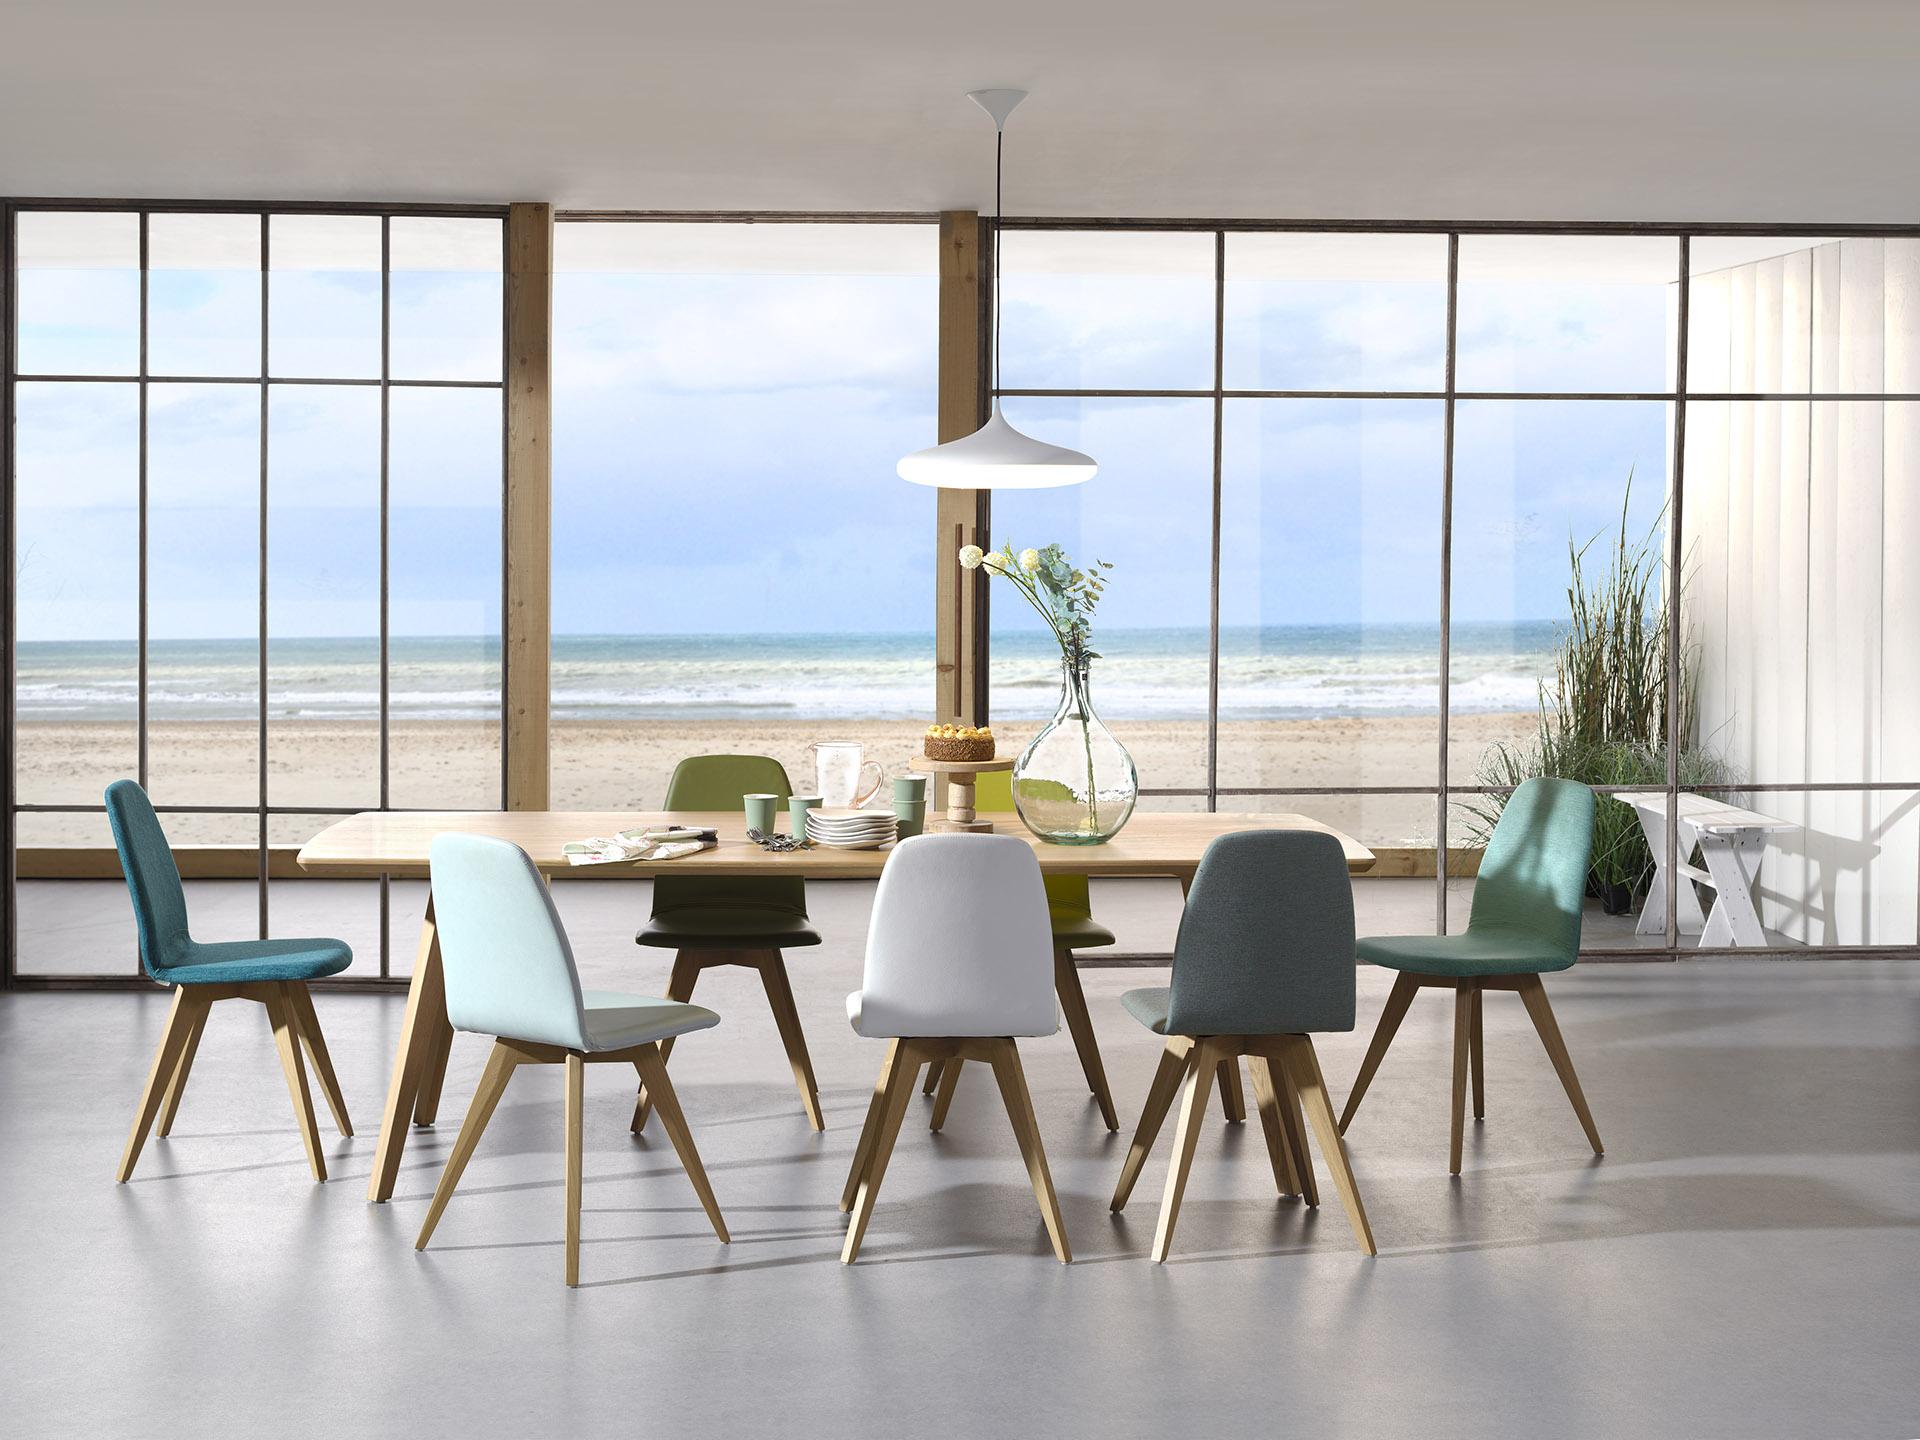 Moods Stoelen Mobitec : Stoel mood berlin turquoise blauw deba meubelen